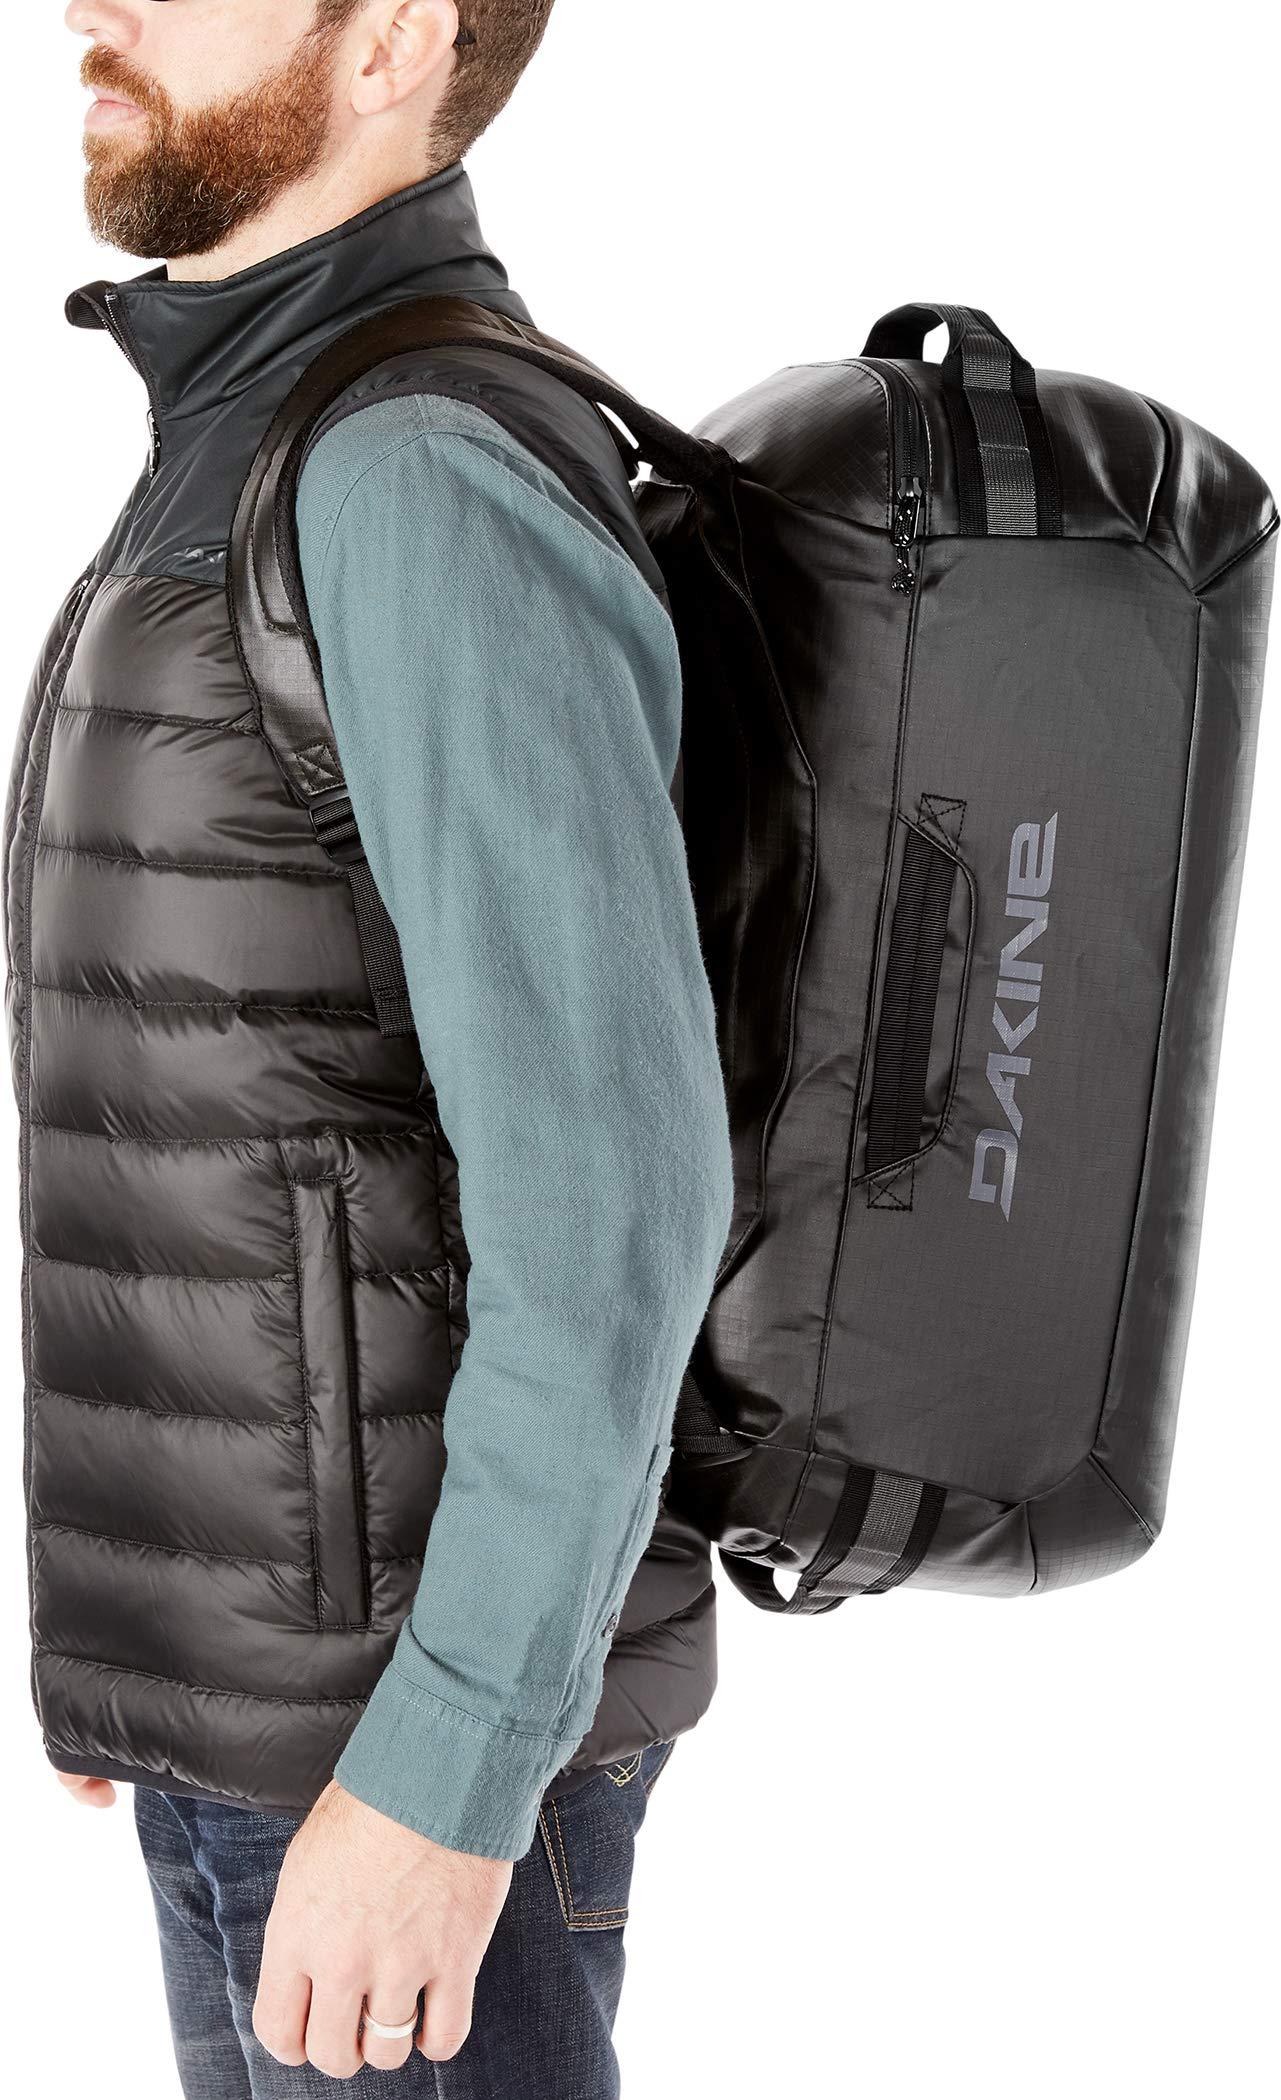 Dakine Ranger Duffle Duffle bolsa de deporte weekender de viaje, Unisex adulto, Black, 90 L